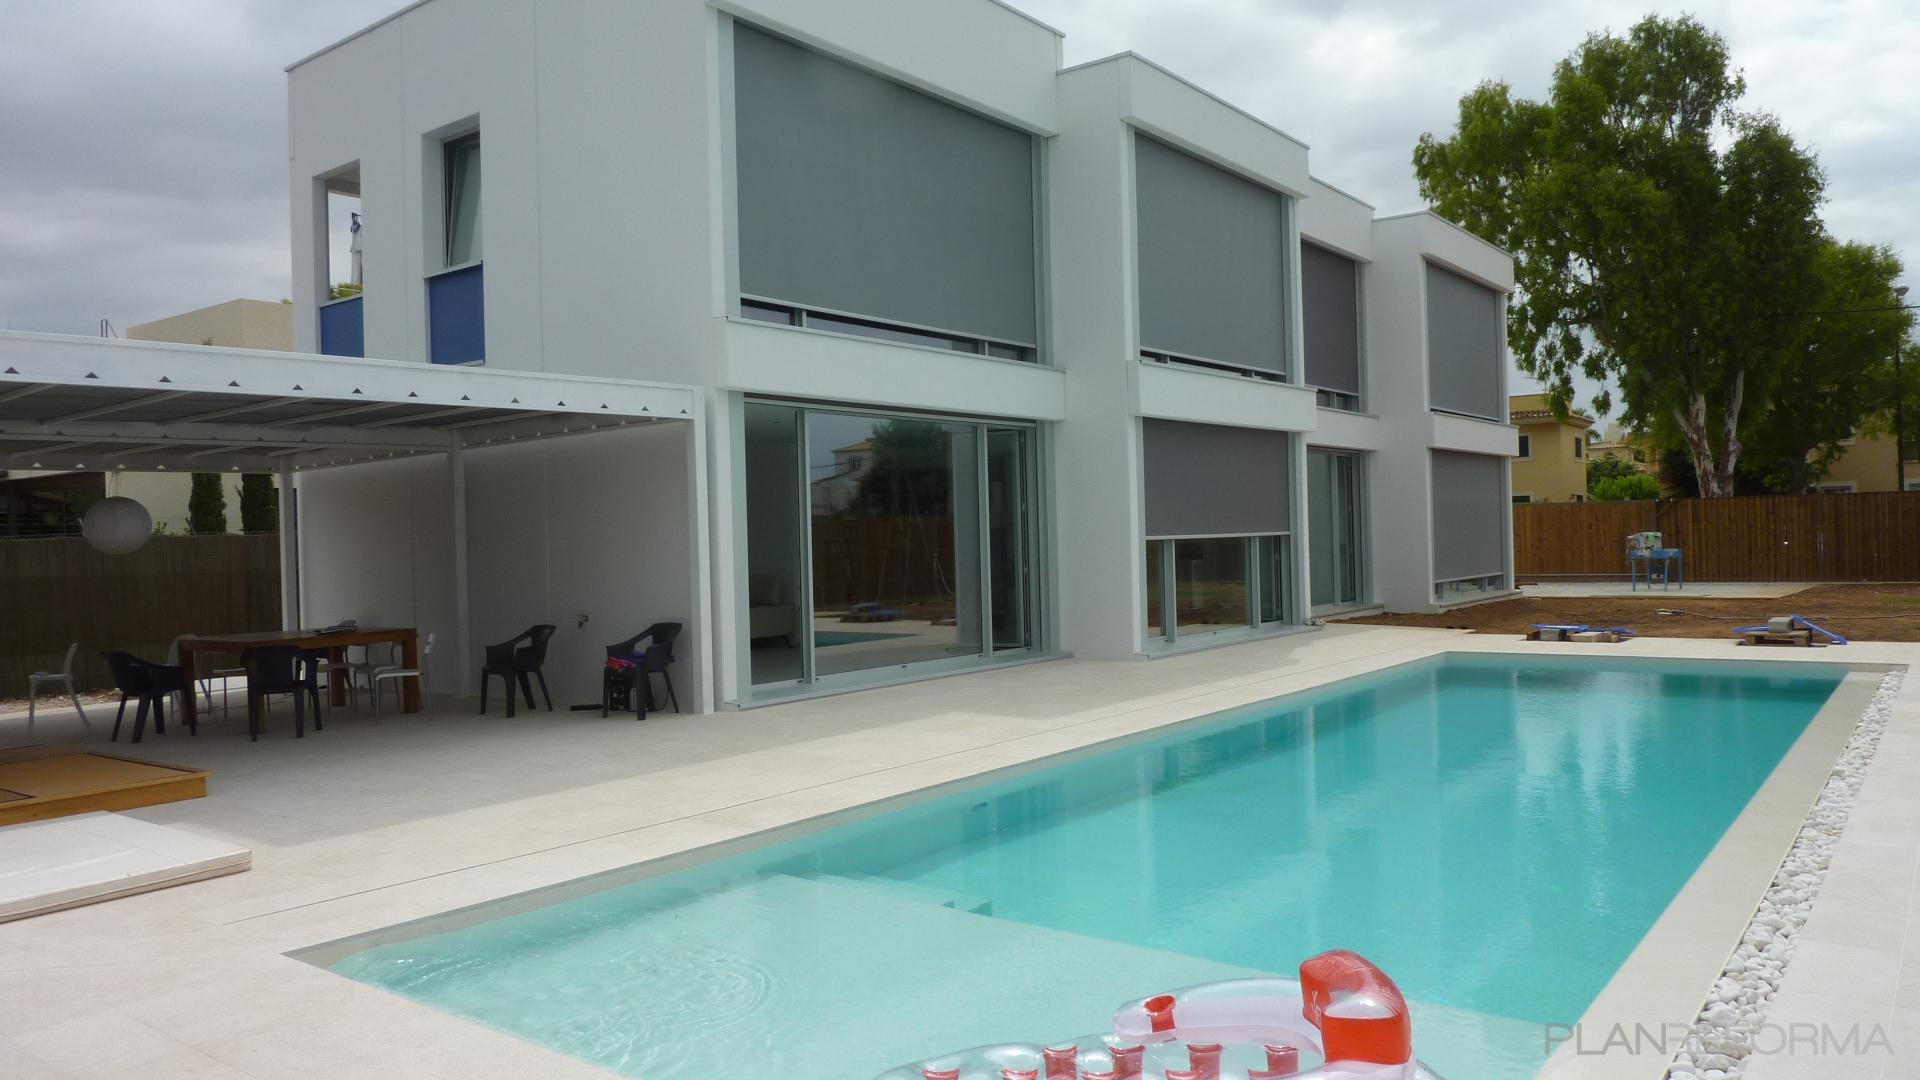 Piscina porche exterior style moderno color azul cielo for Estilo de piscina